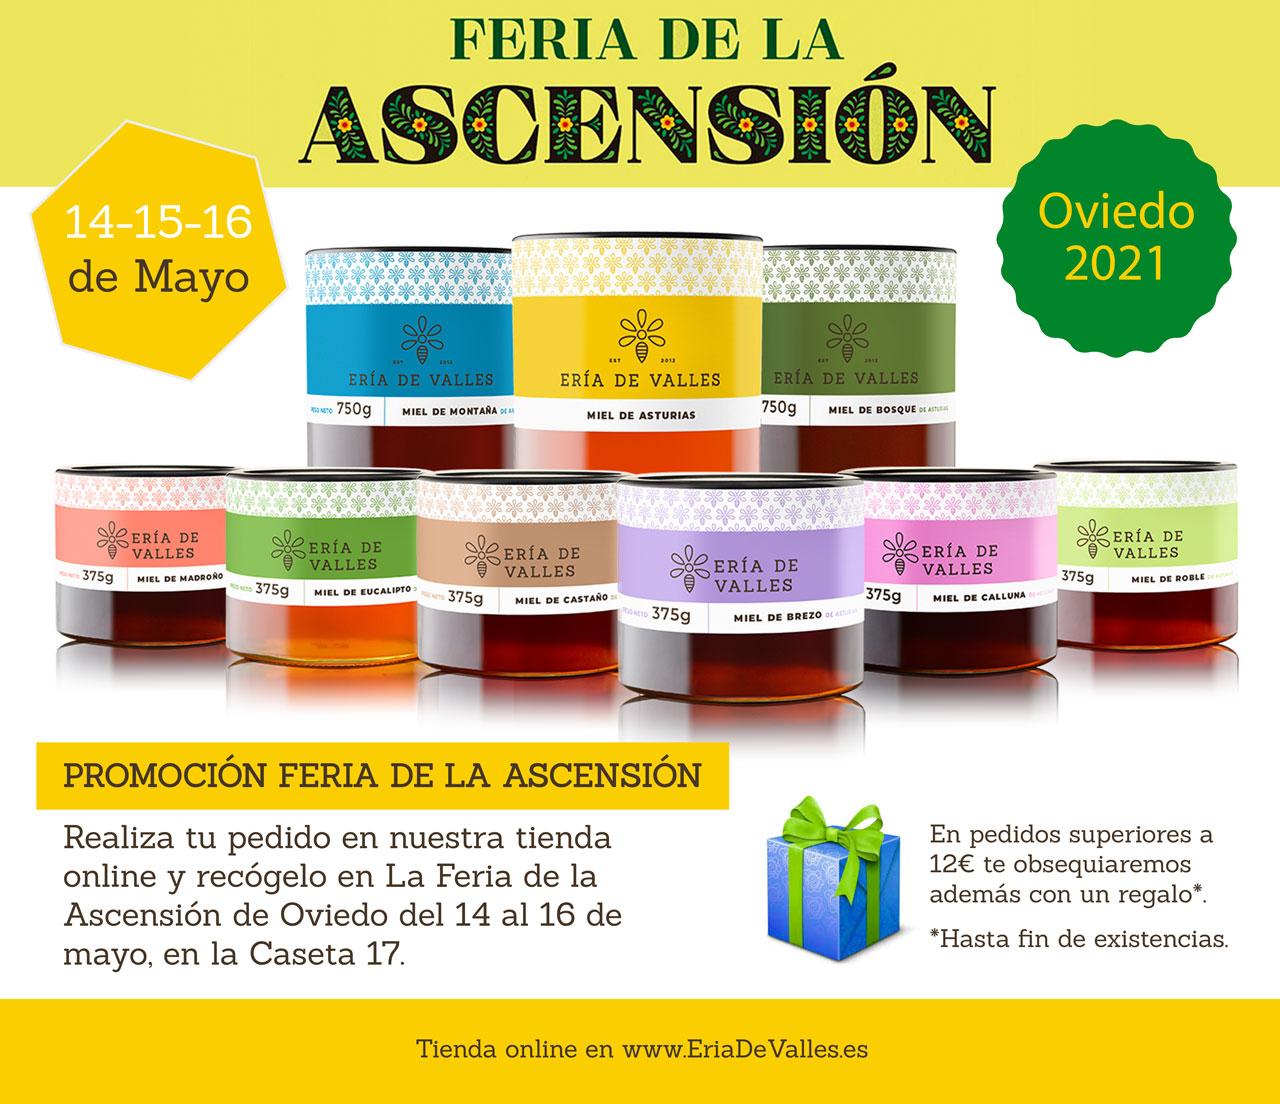 Promoción Feria de la Ascensión de Oviedo 2021